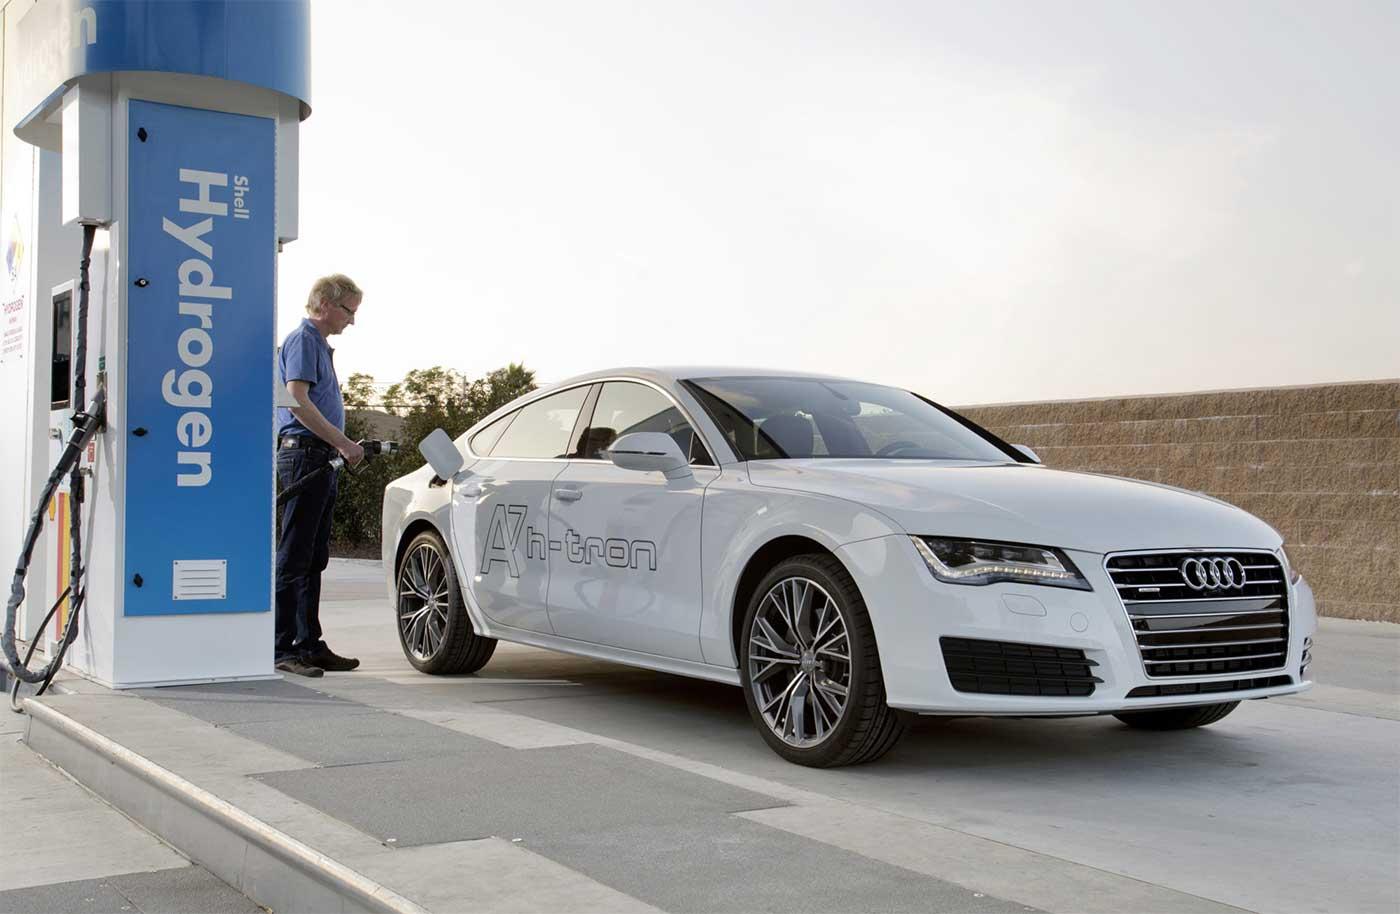 Ballard présente une pile à combustible développée avec Audi